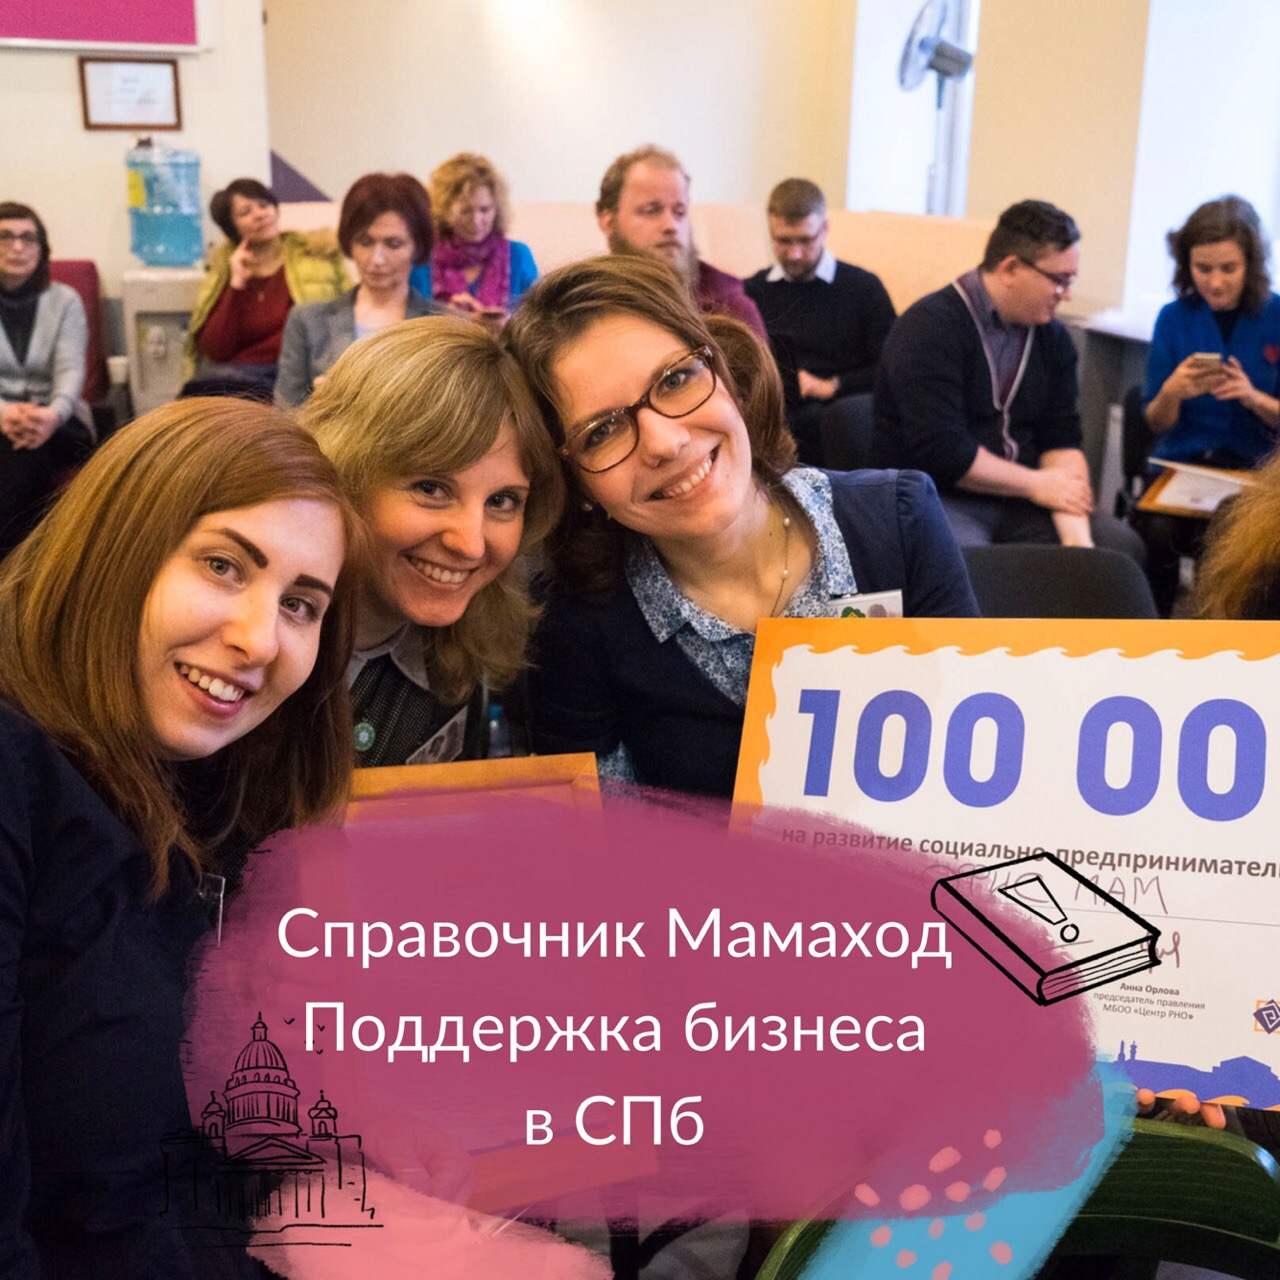 Поддержка бизнеса в СПб